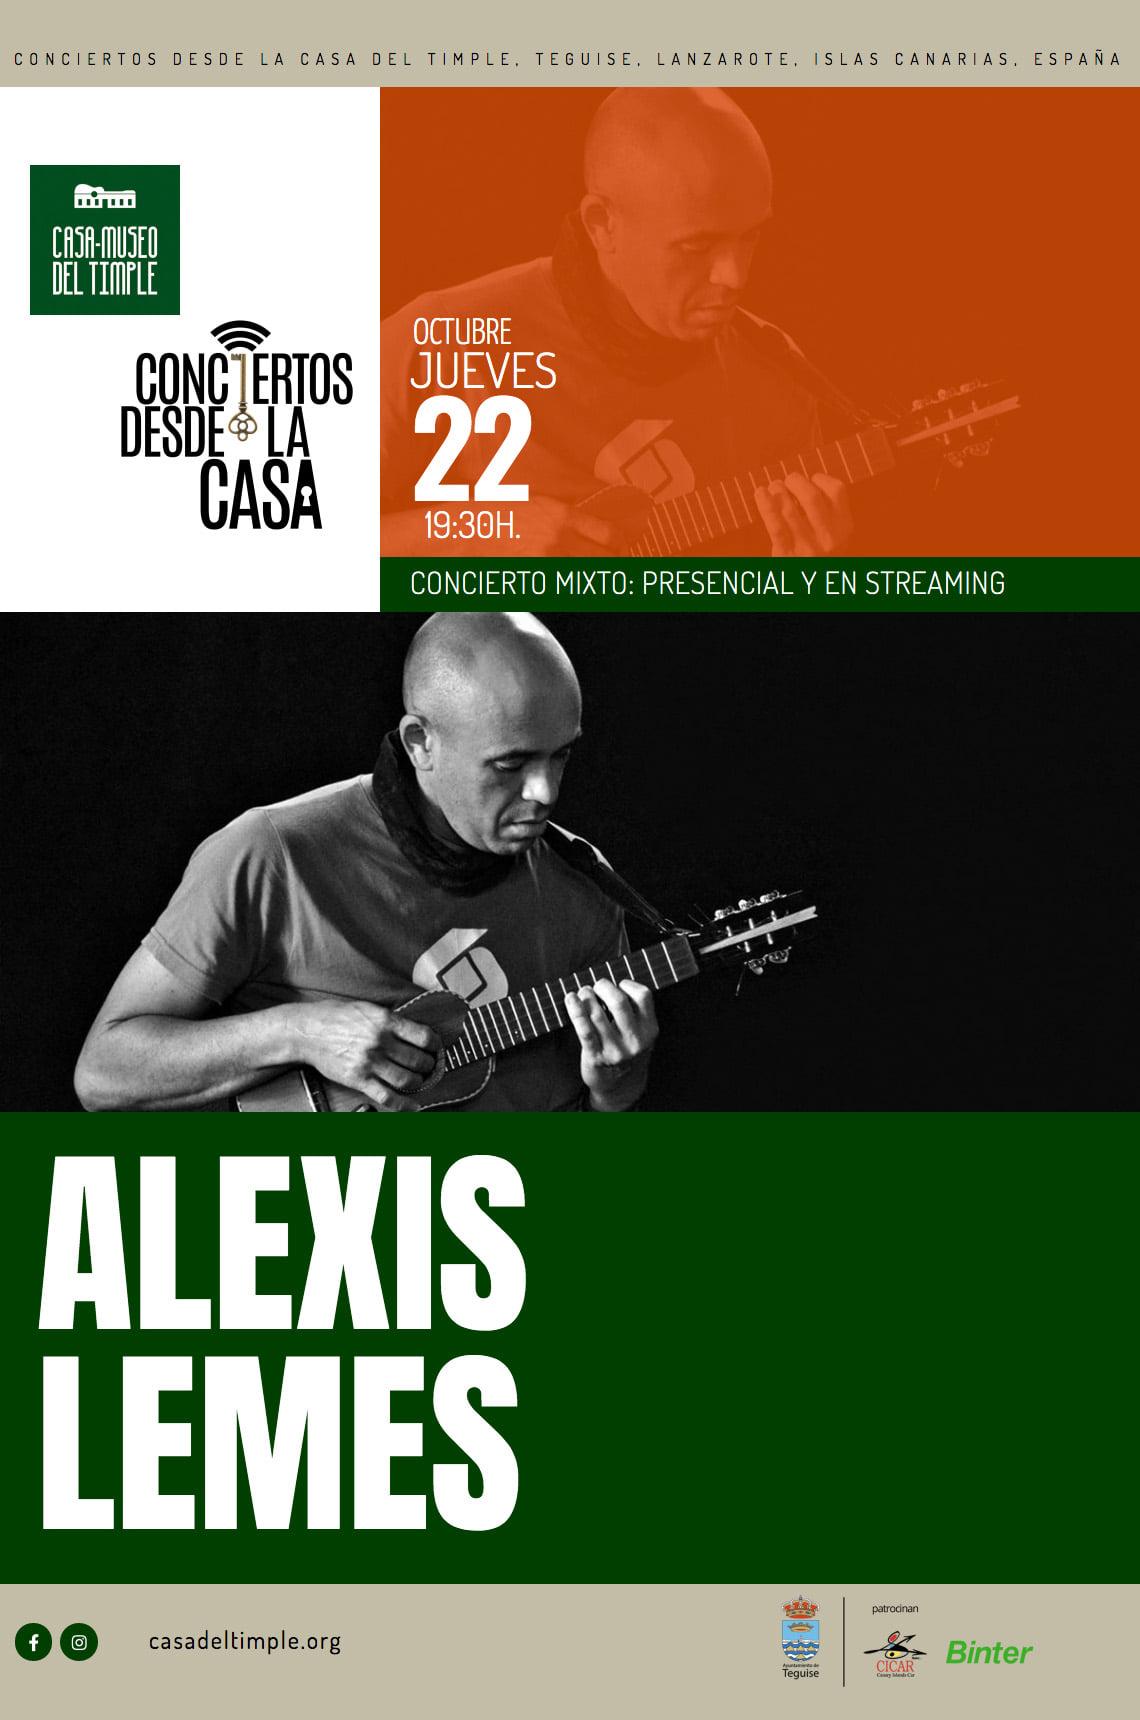 Teguise invita a un nuevo concierto presencial con Alexis Lemes al timple y Javier Infante a la guitarra